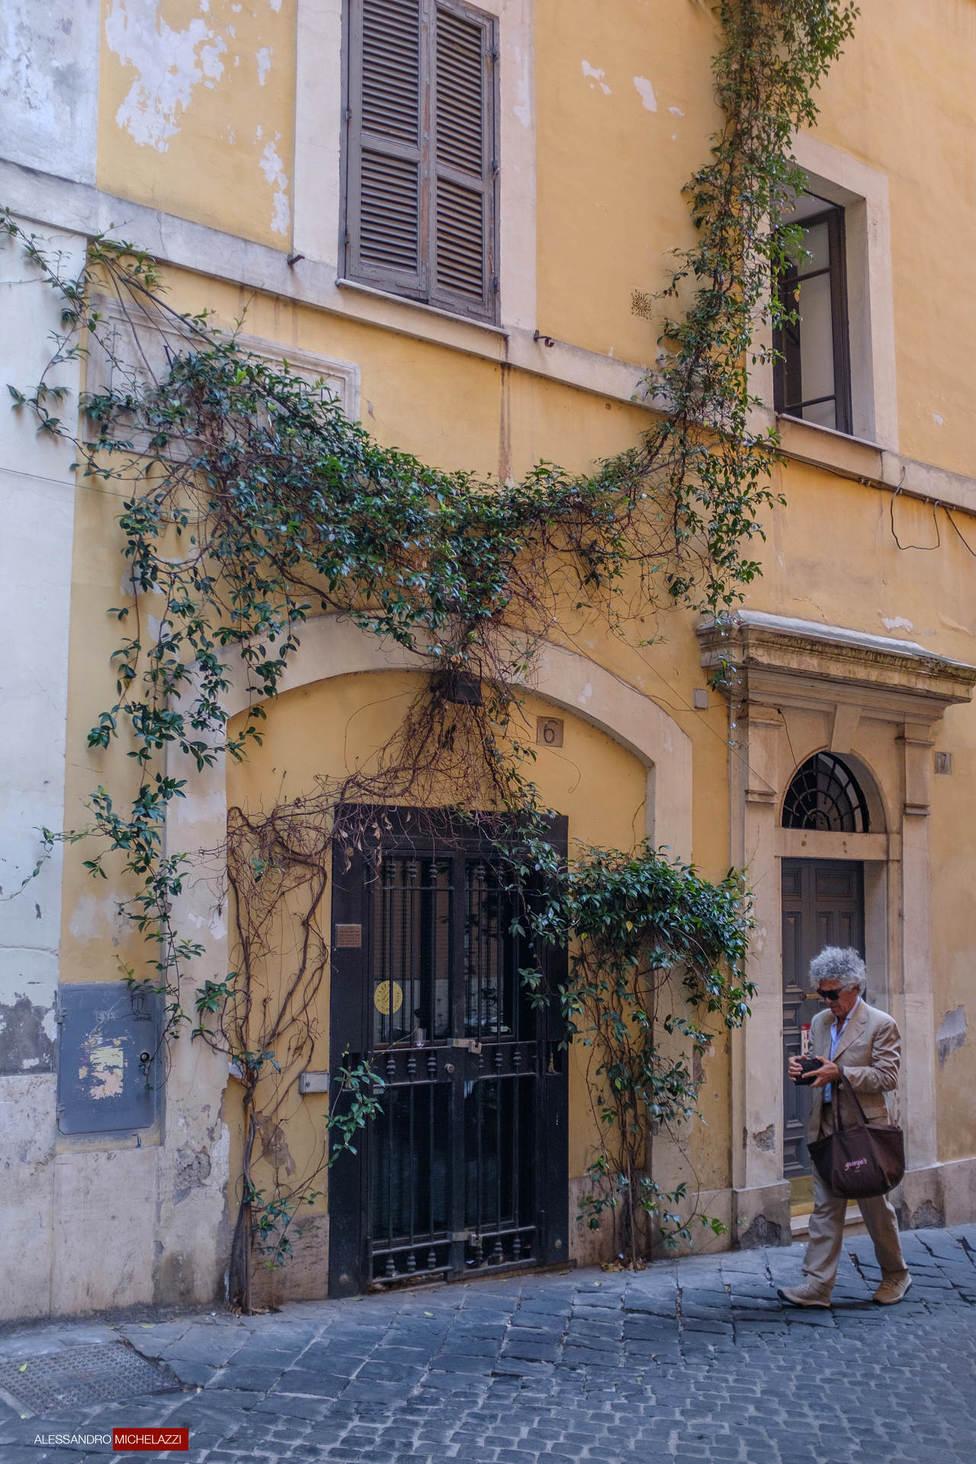 Alessandro-Michelazzi-Photography-Rome-Italy-24